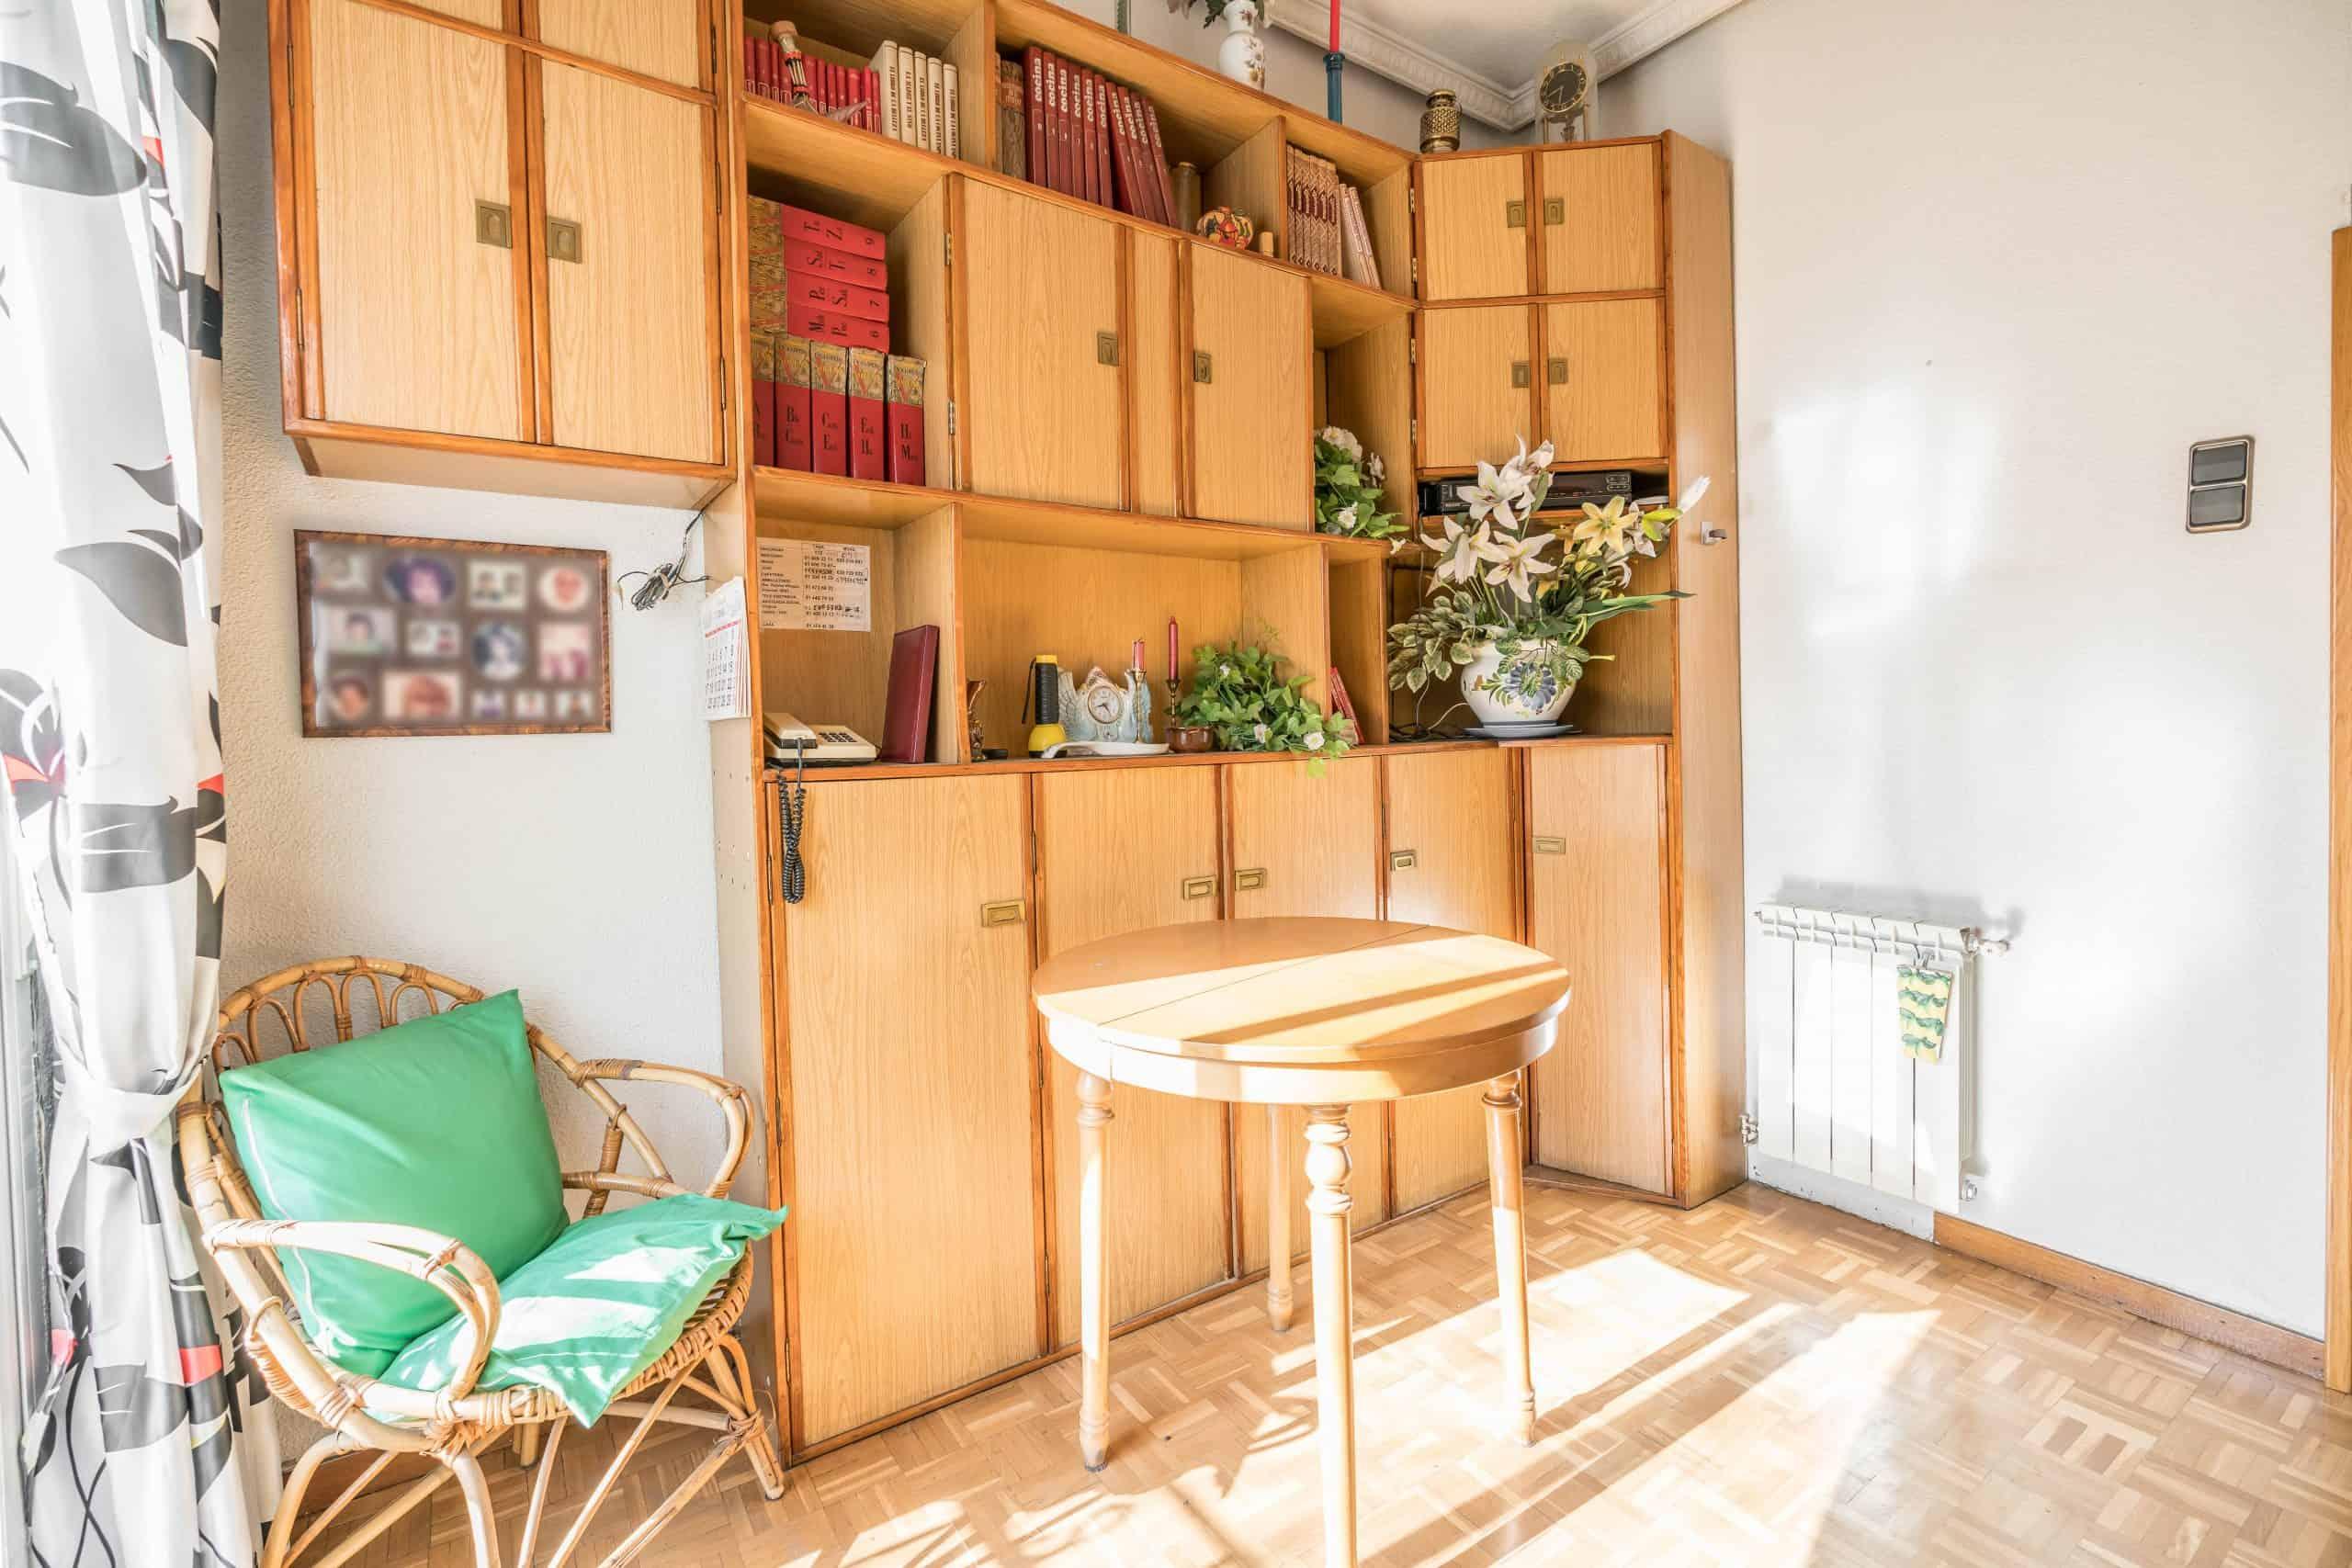 Agencia Inmobiliaria de Madrid-FUTUROCASA-Zona ARGANZUELA-EMBAJADORES-LEGAZPI -calle Guillermo de Osma 1 SALON (4) (Copy)